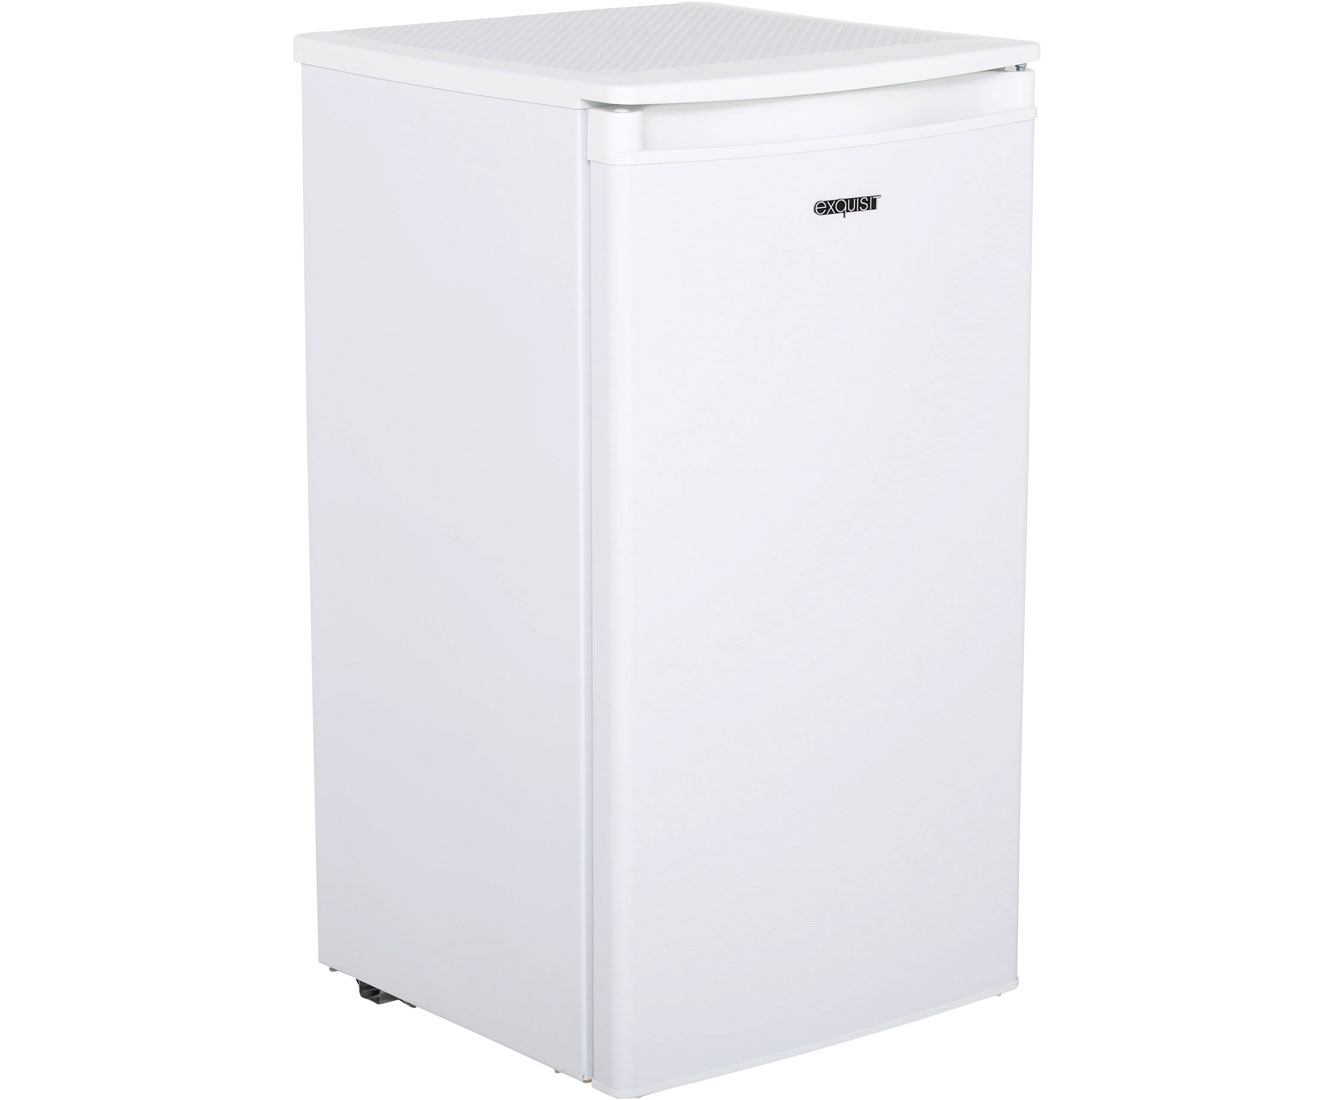 Aeg Kühlschrank Welche Stufe : Exquisit ks rva kühlschrank weiß a